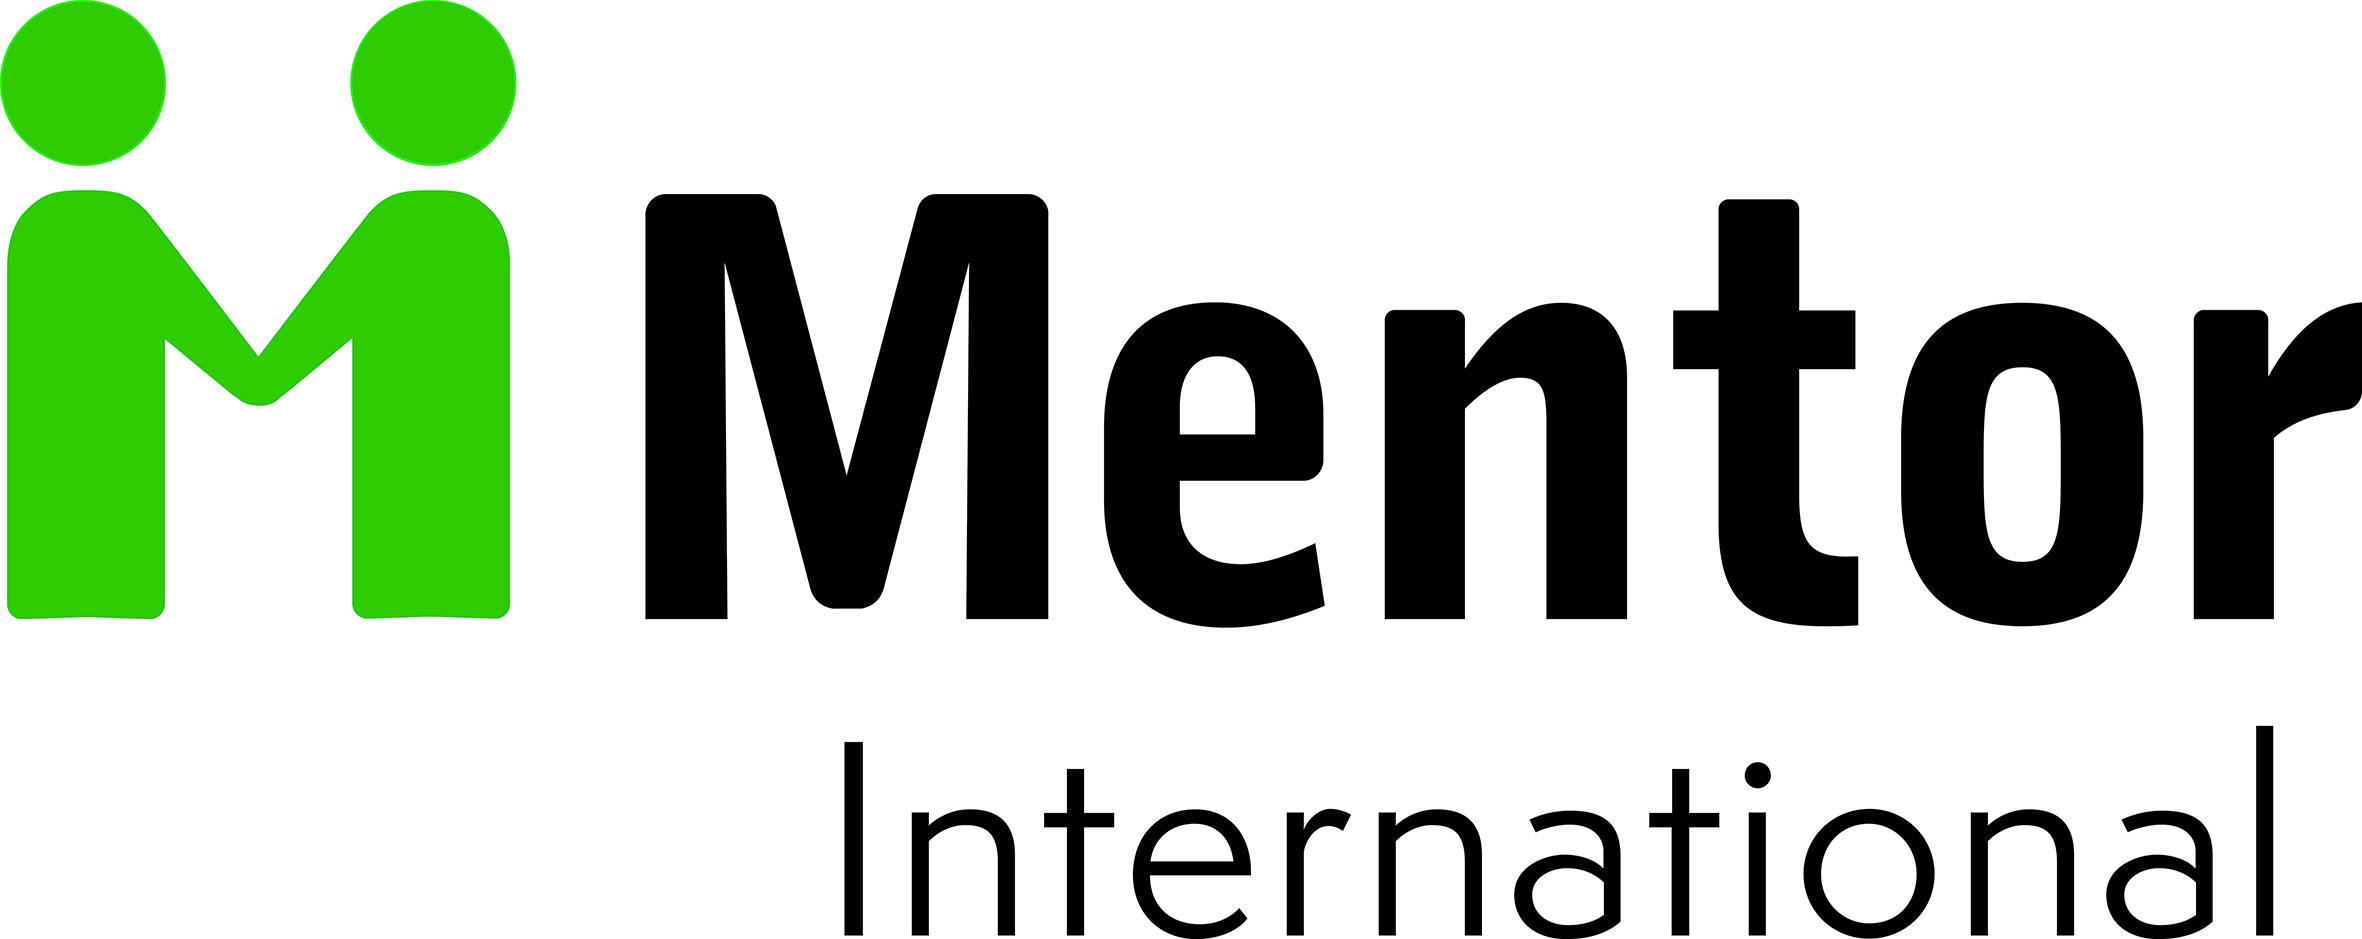 Image result for mentor international images